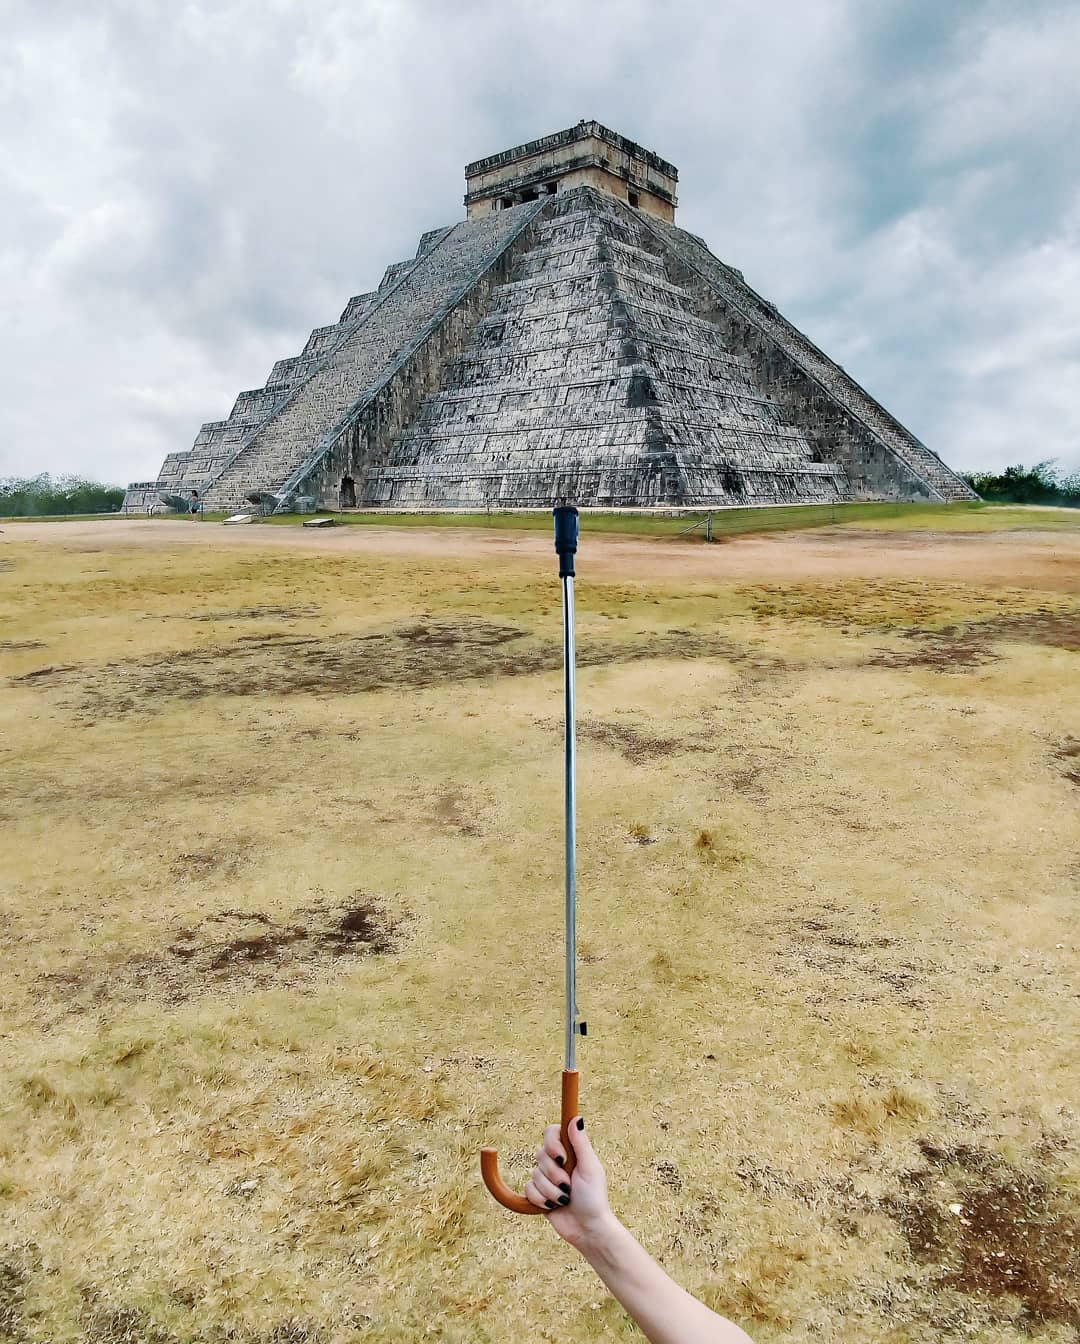 Chichen Itza tọa lạc tại Yucanta, Mexico, có nghĩa là tại miệng giếng của Itza. Đây là công trình lớn nhất của người Maya cổ đại còn lại cho đến nay. Hiện đây là một di sản thế giới thu hút nhiều du khách. Hugo biến kim tự tháp này thành một chiếc ô.